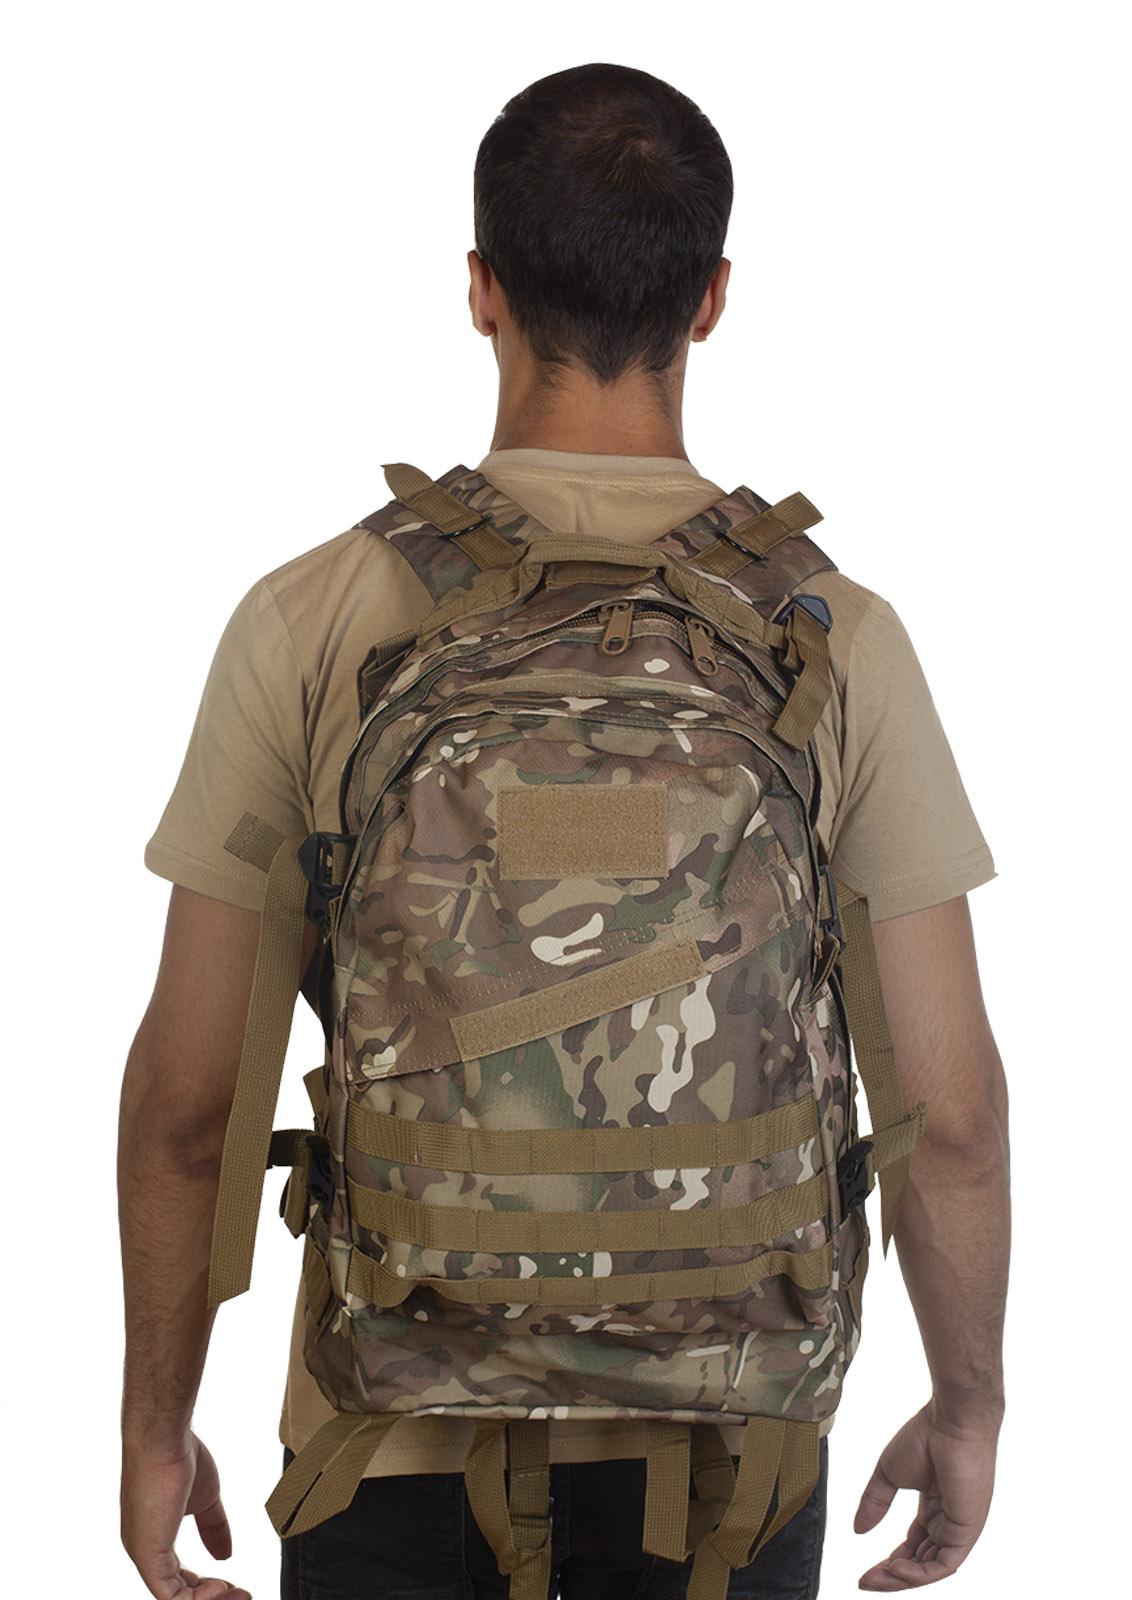 Удобный рюкзак для путешествий (камуфляж Multicam) - в Военпро